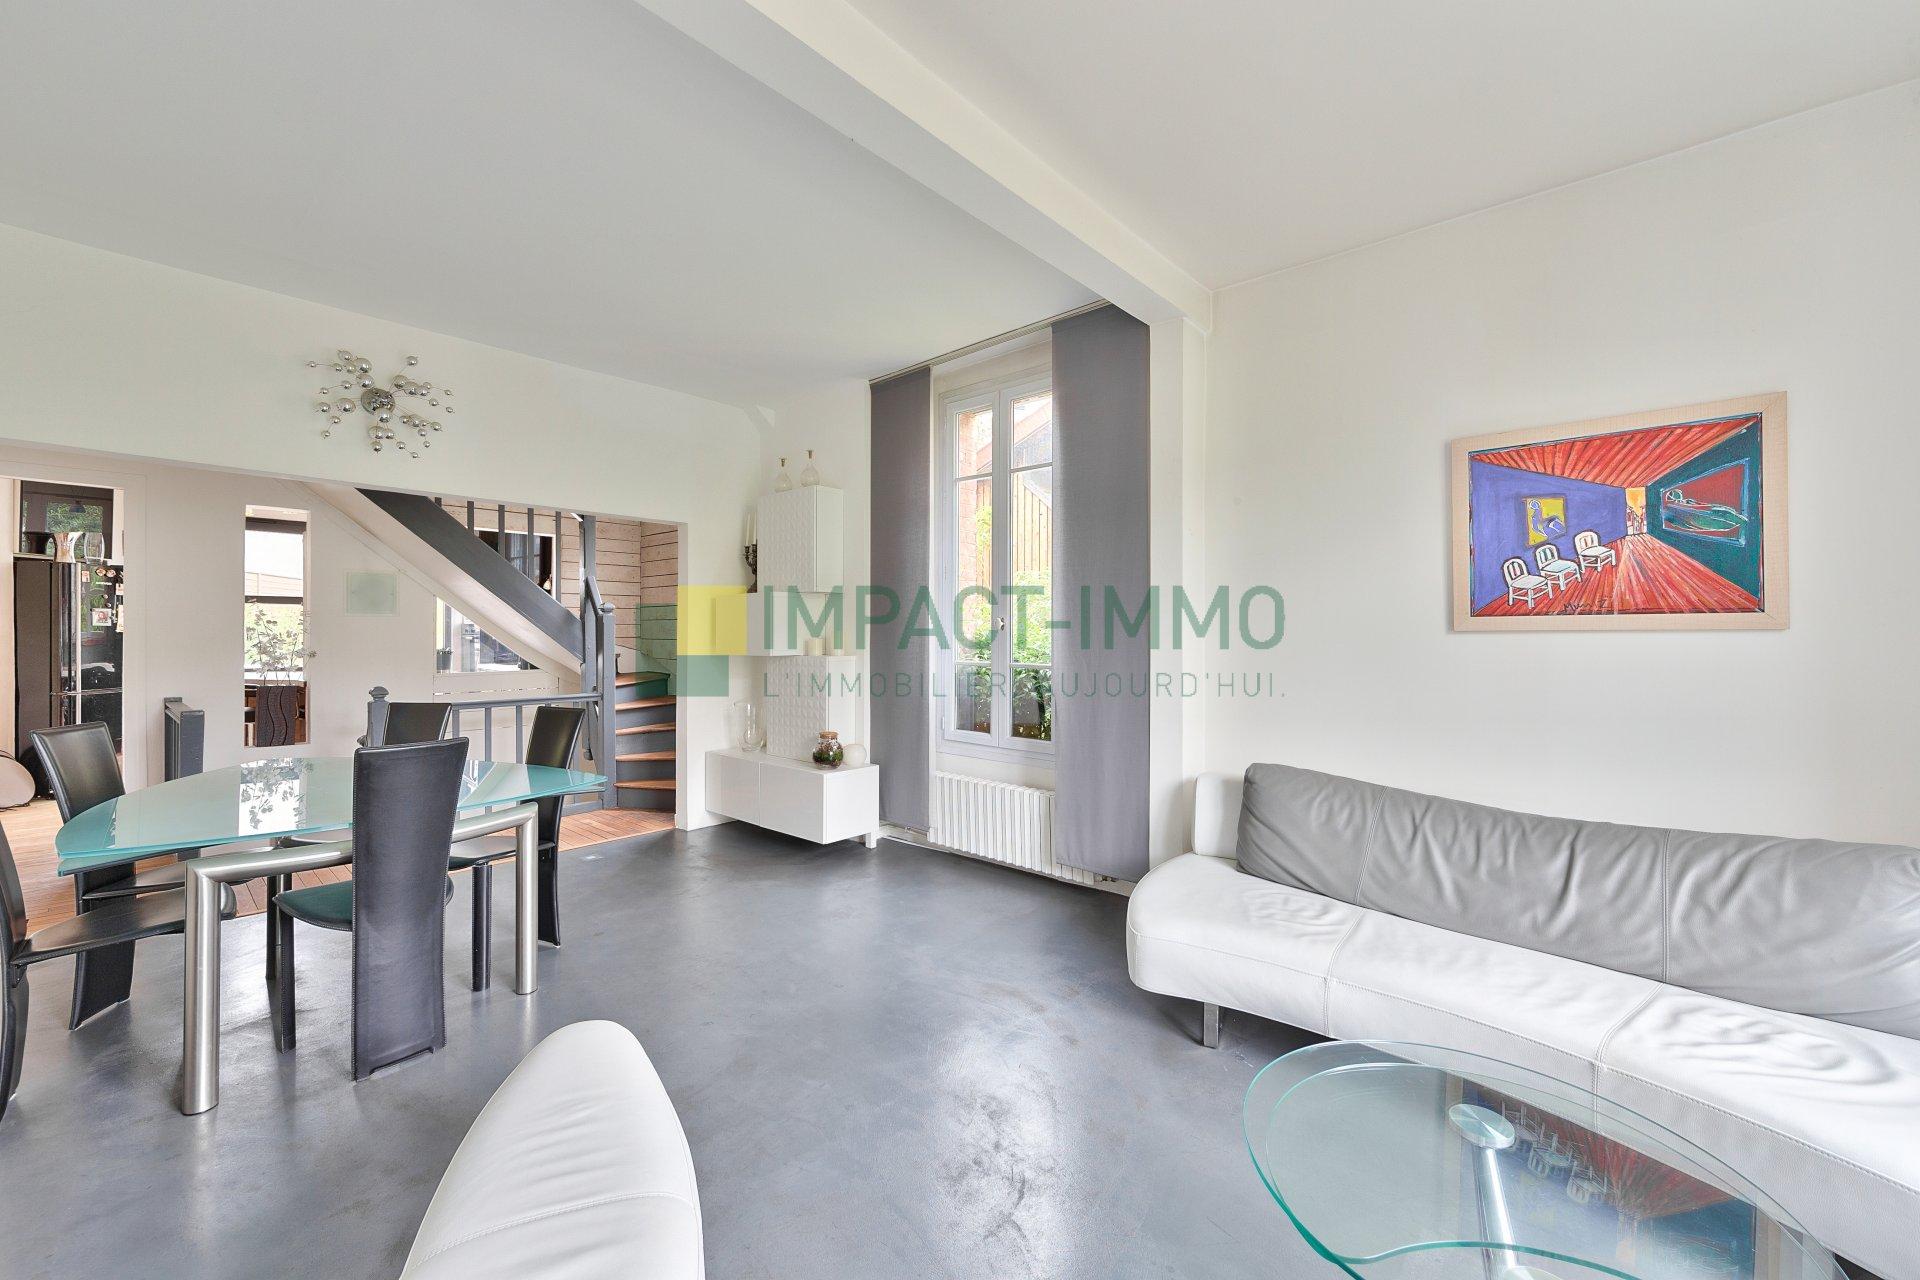 Maison Moderne de Ville 164m2 Suresnes